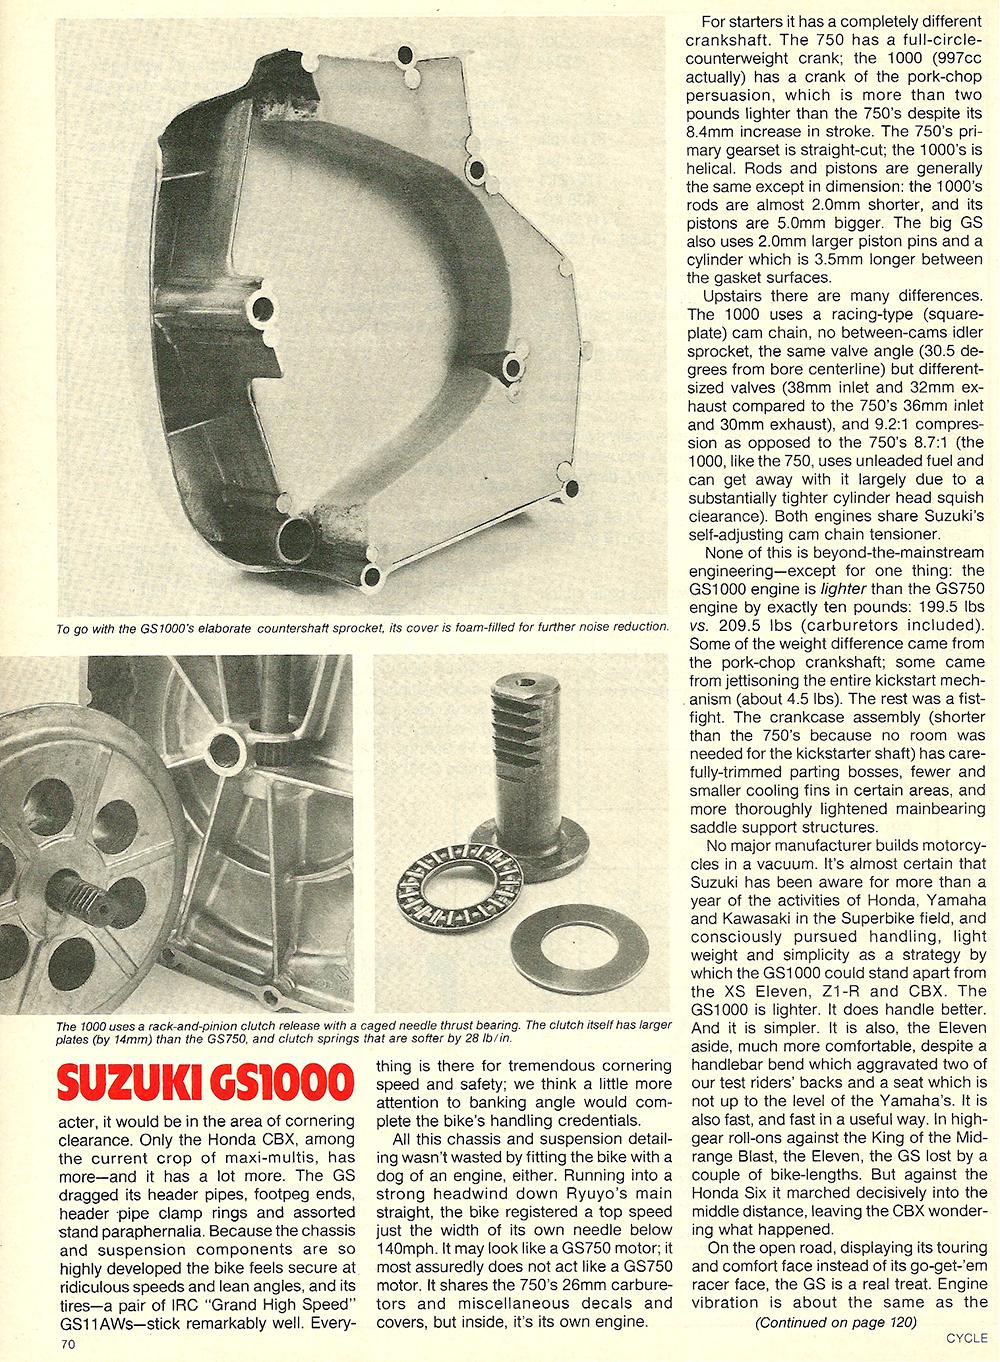 1978 Suzuki GS1000 road test 9.jpg